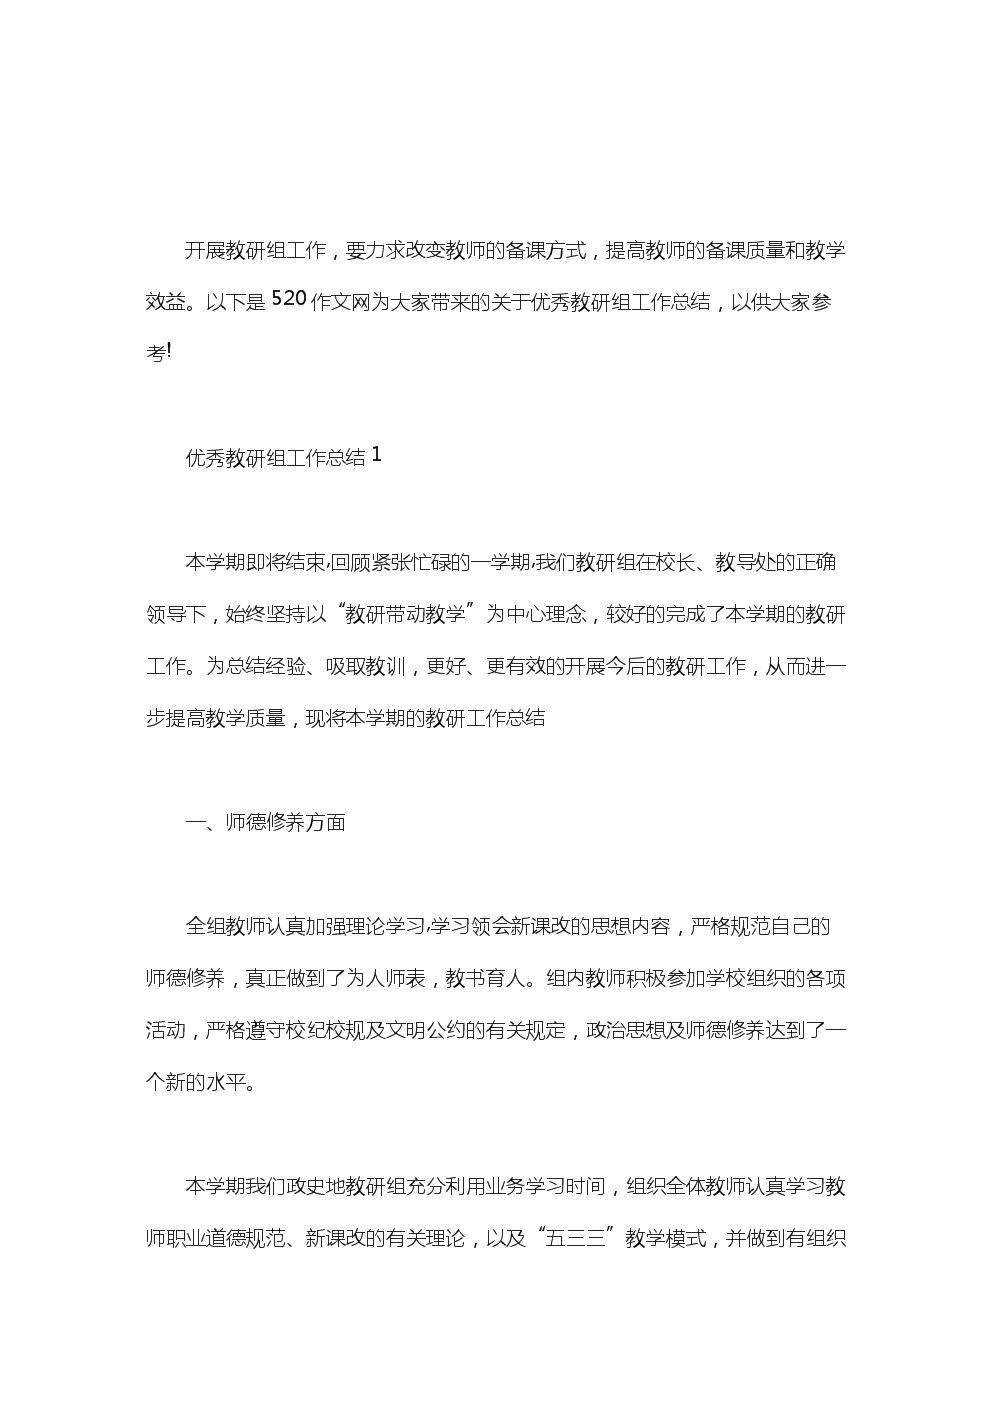 优秀教研组工作总结三篇.doc